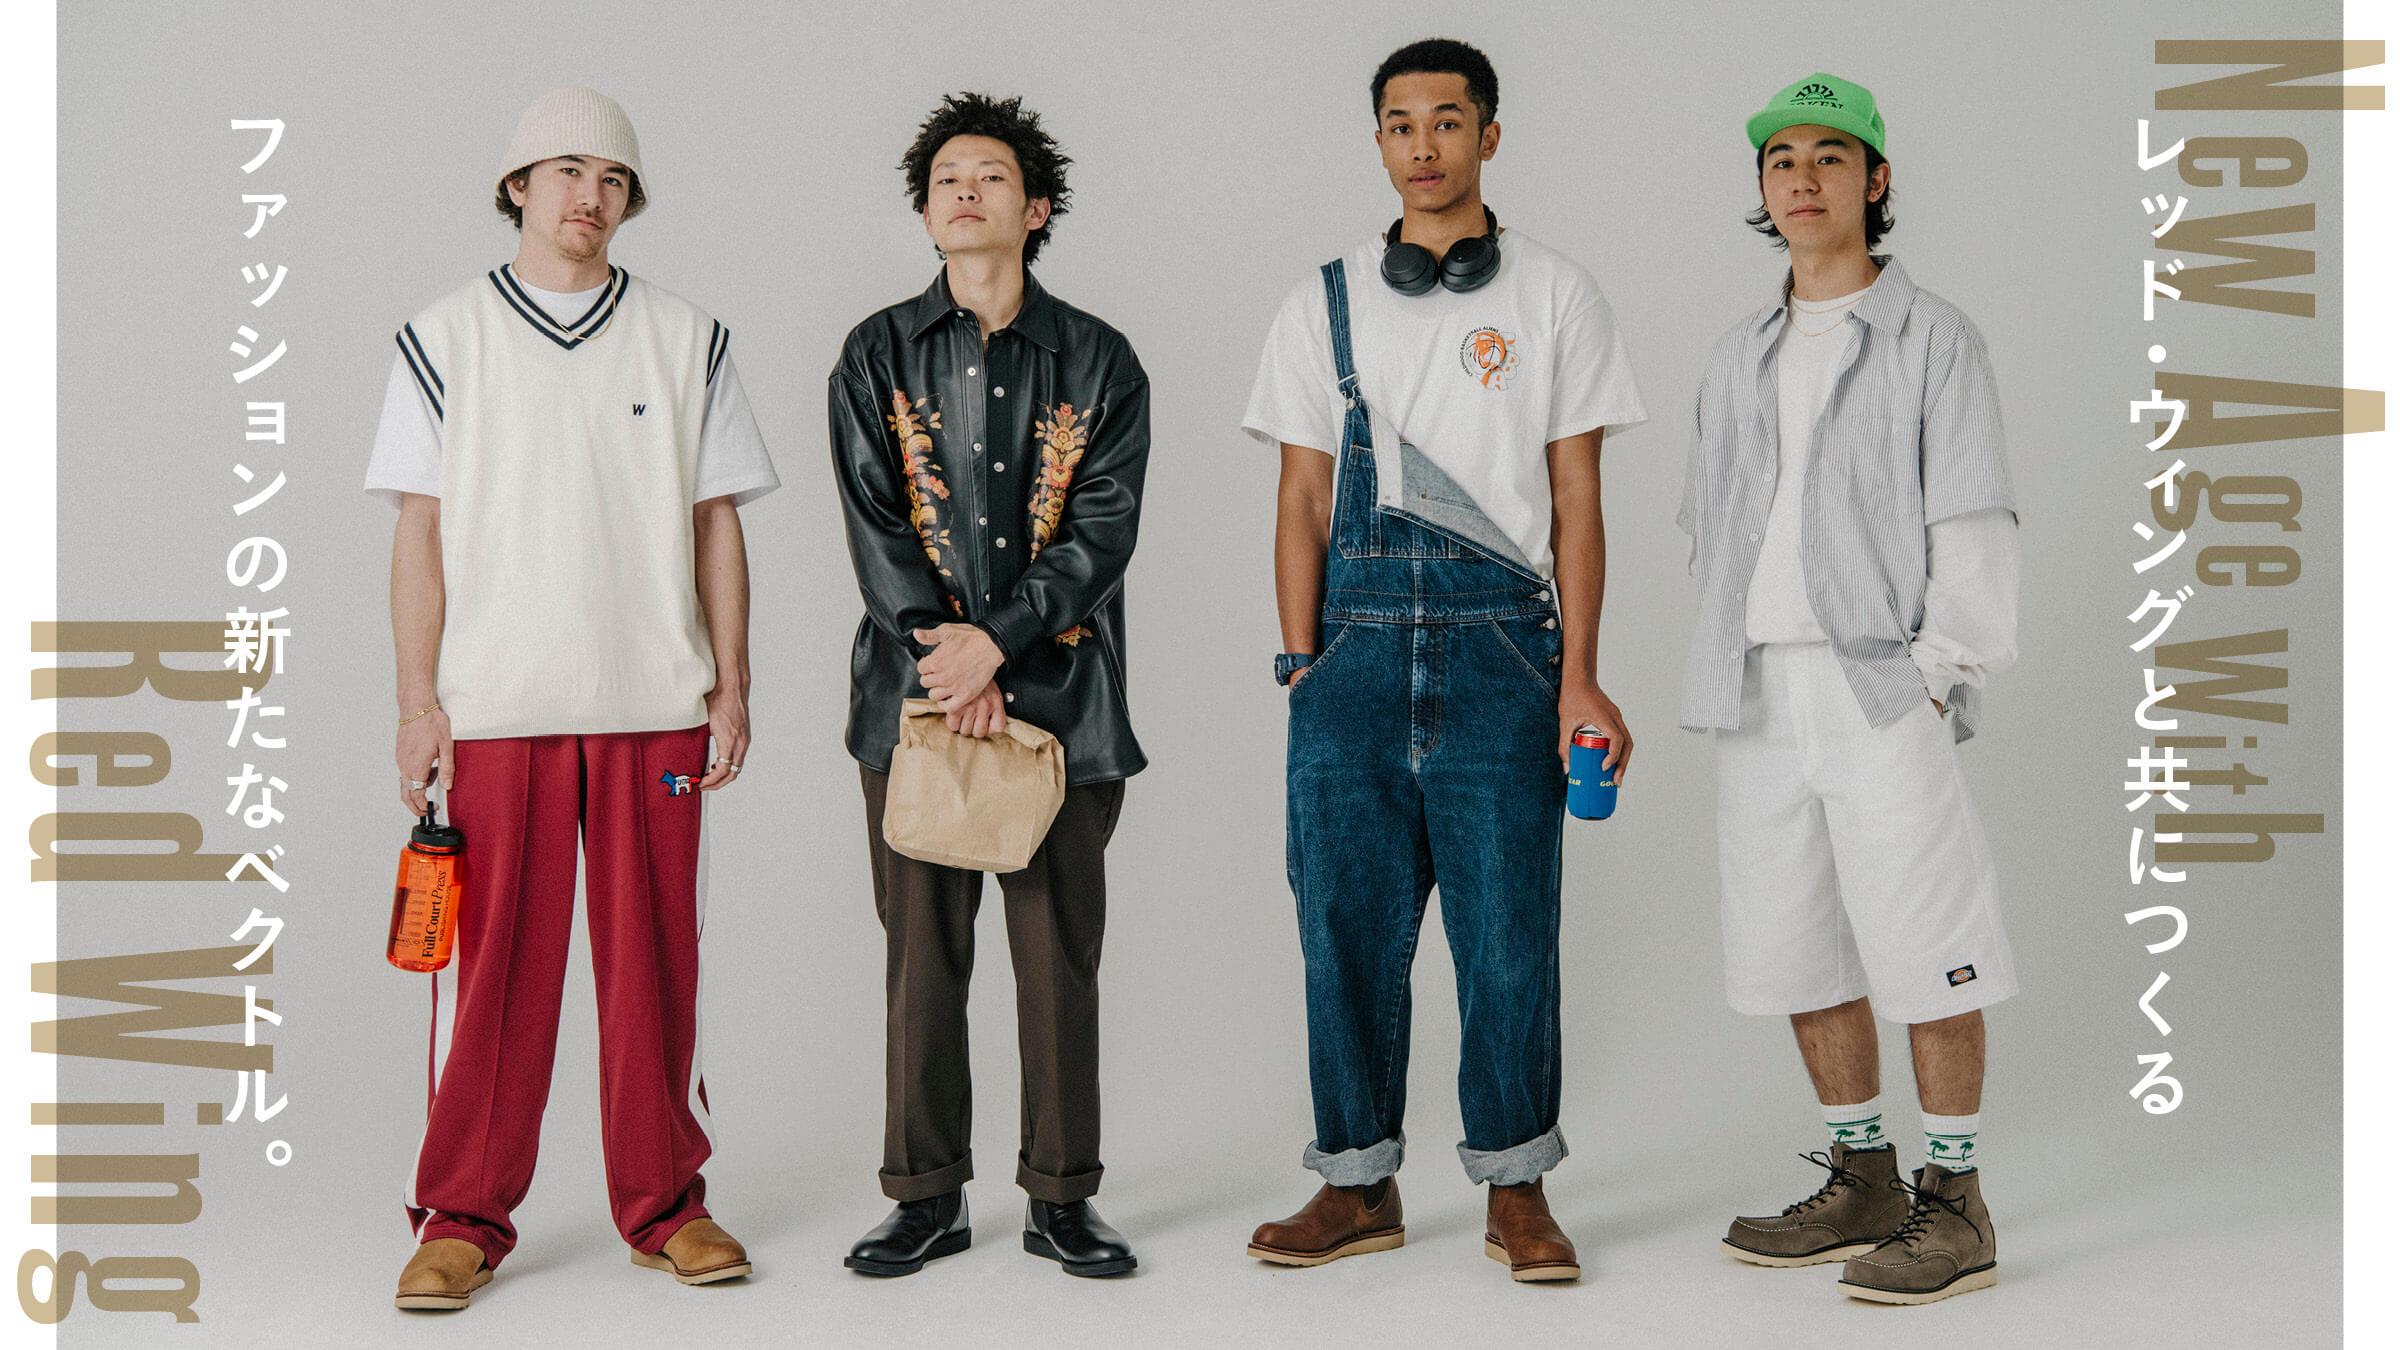 レッド・ウィングと共につくるファッションの新たなベクトル。